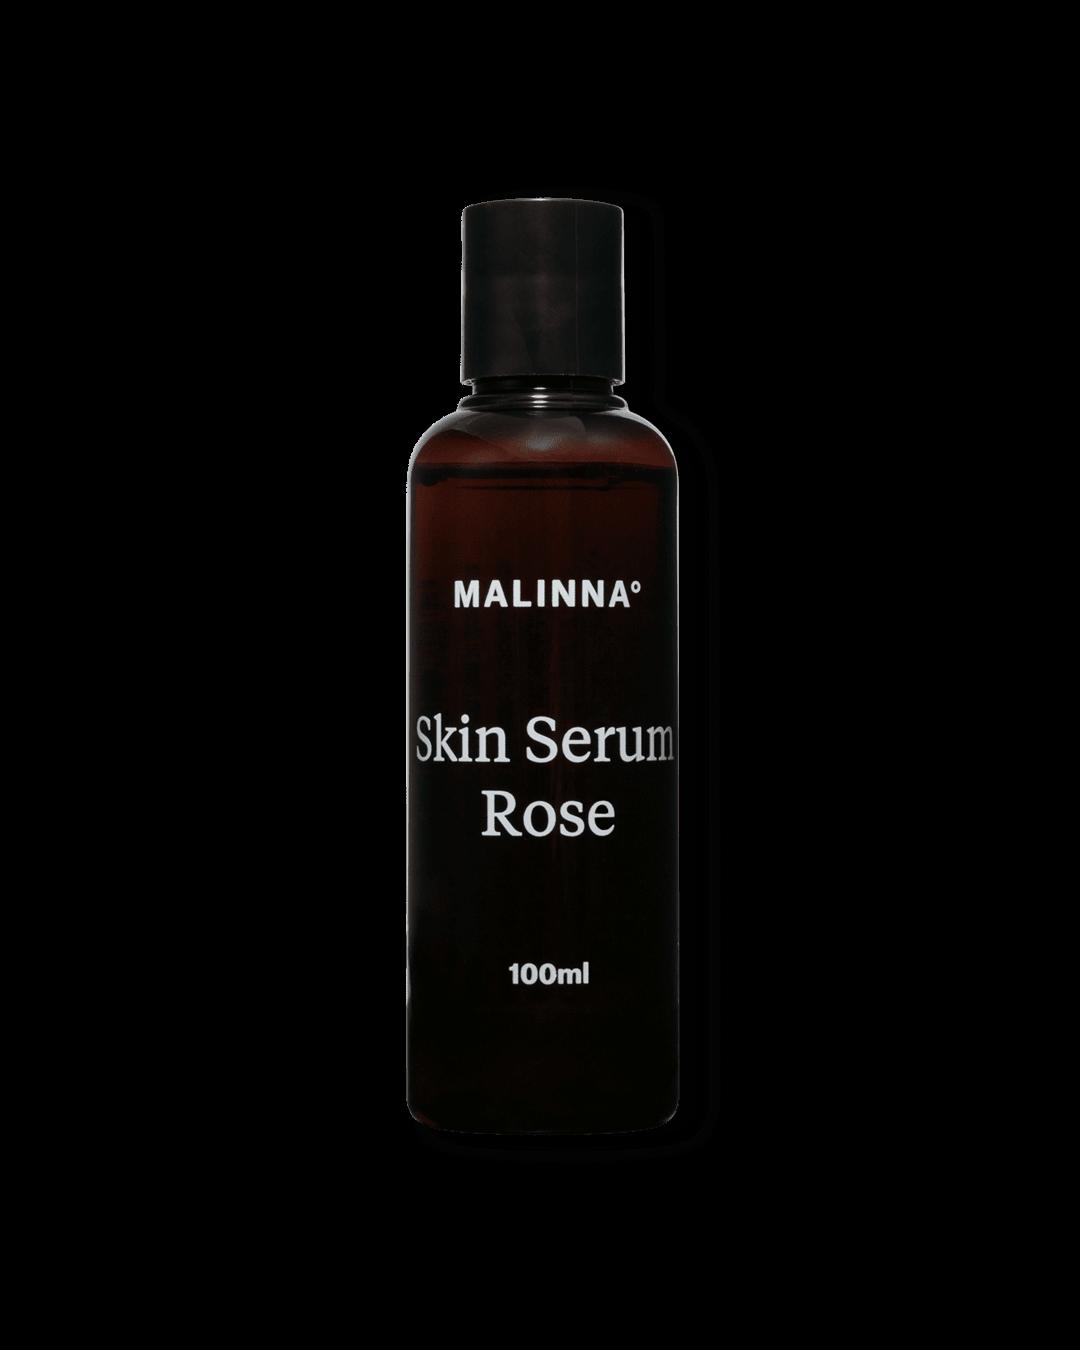 Skin Serum Rose